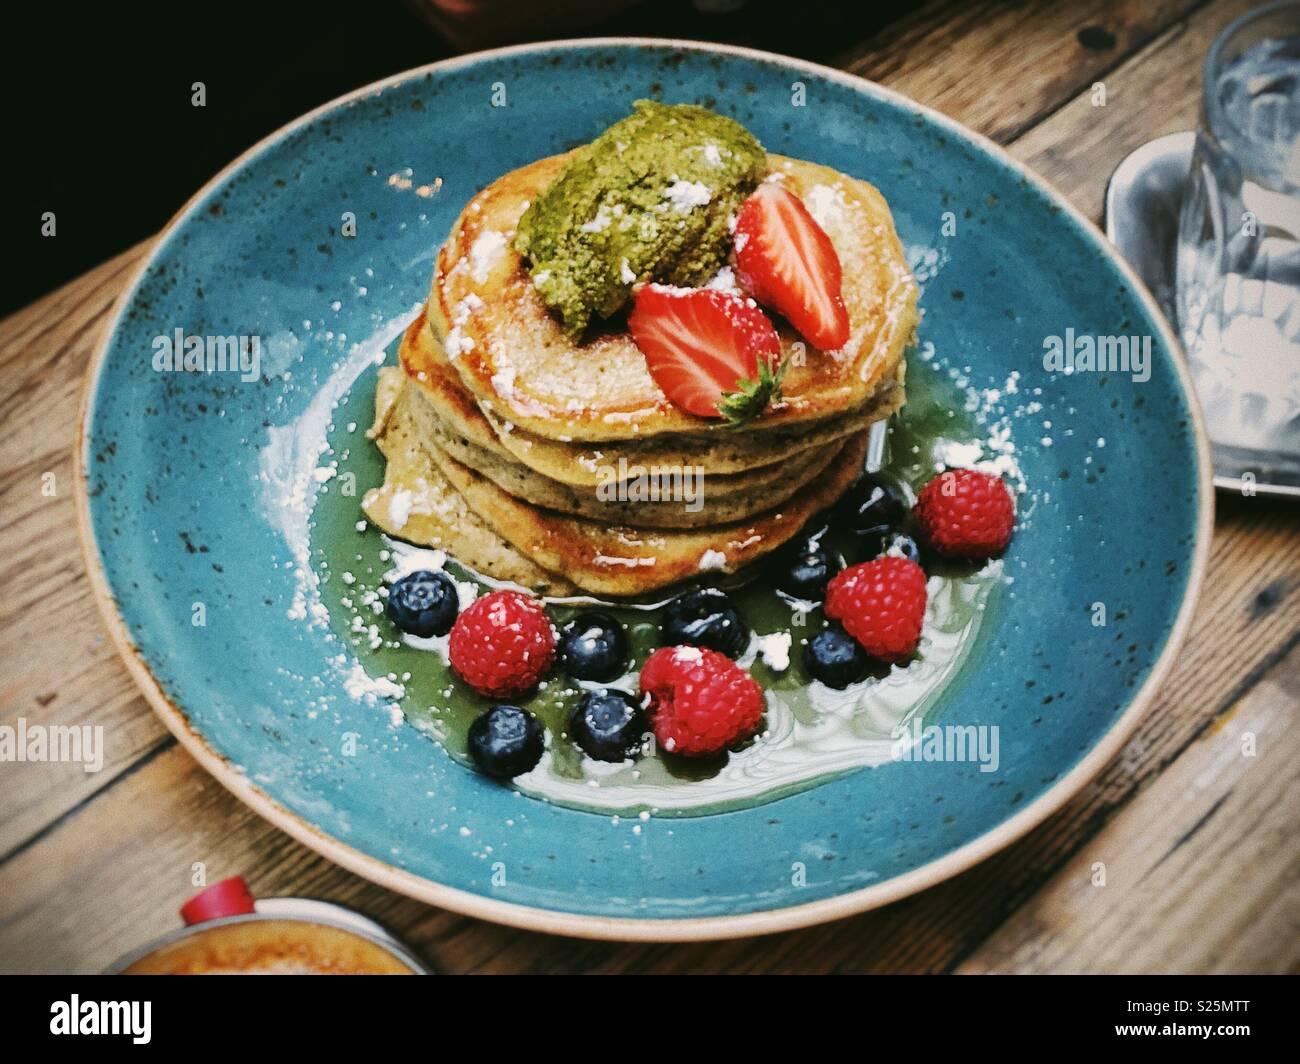 Pfannkuchen mit Beeren auf einem blauen Platte auf einem Holztisch Stockfoto